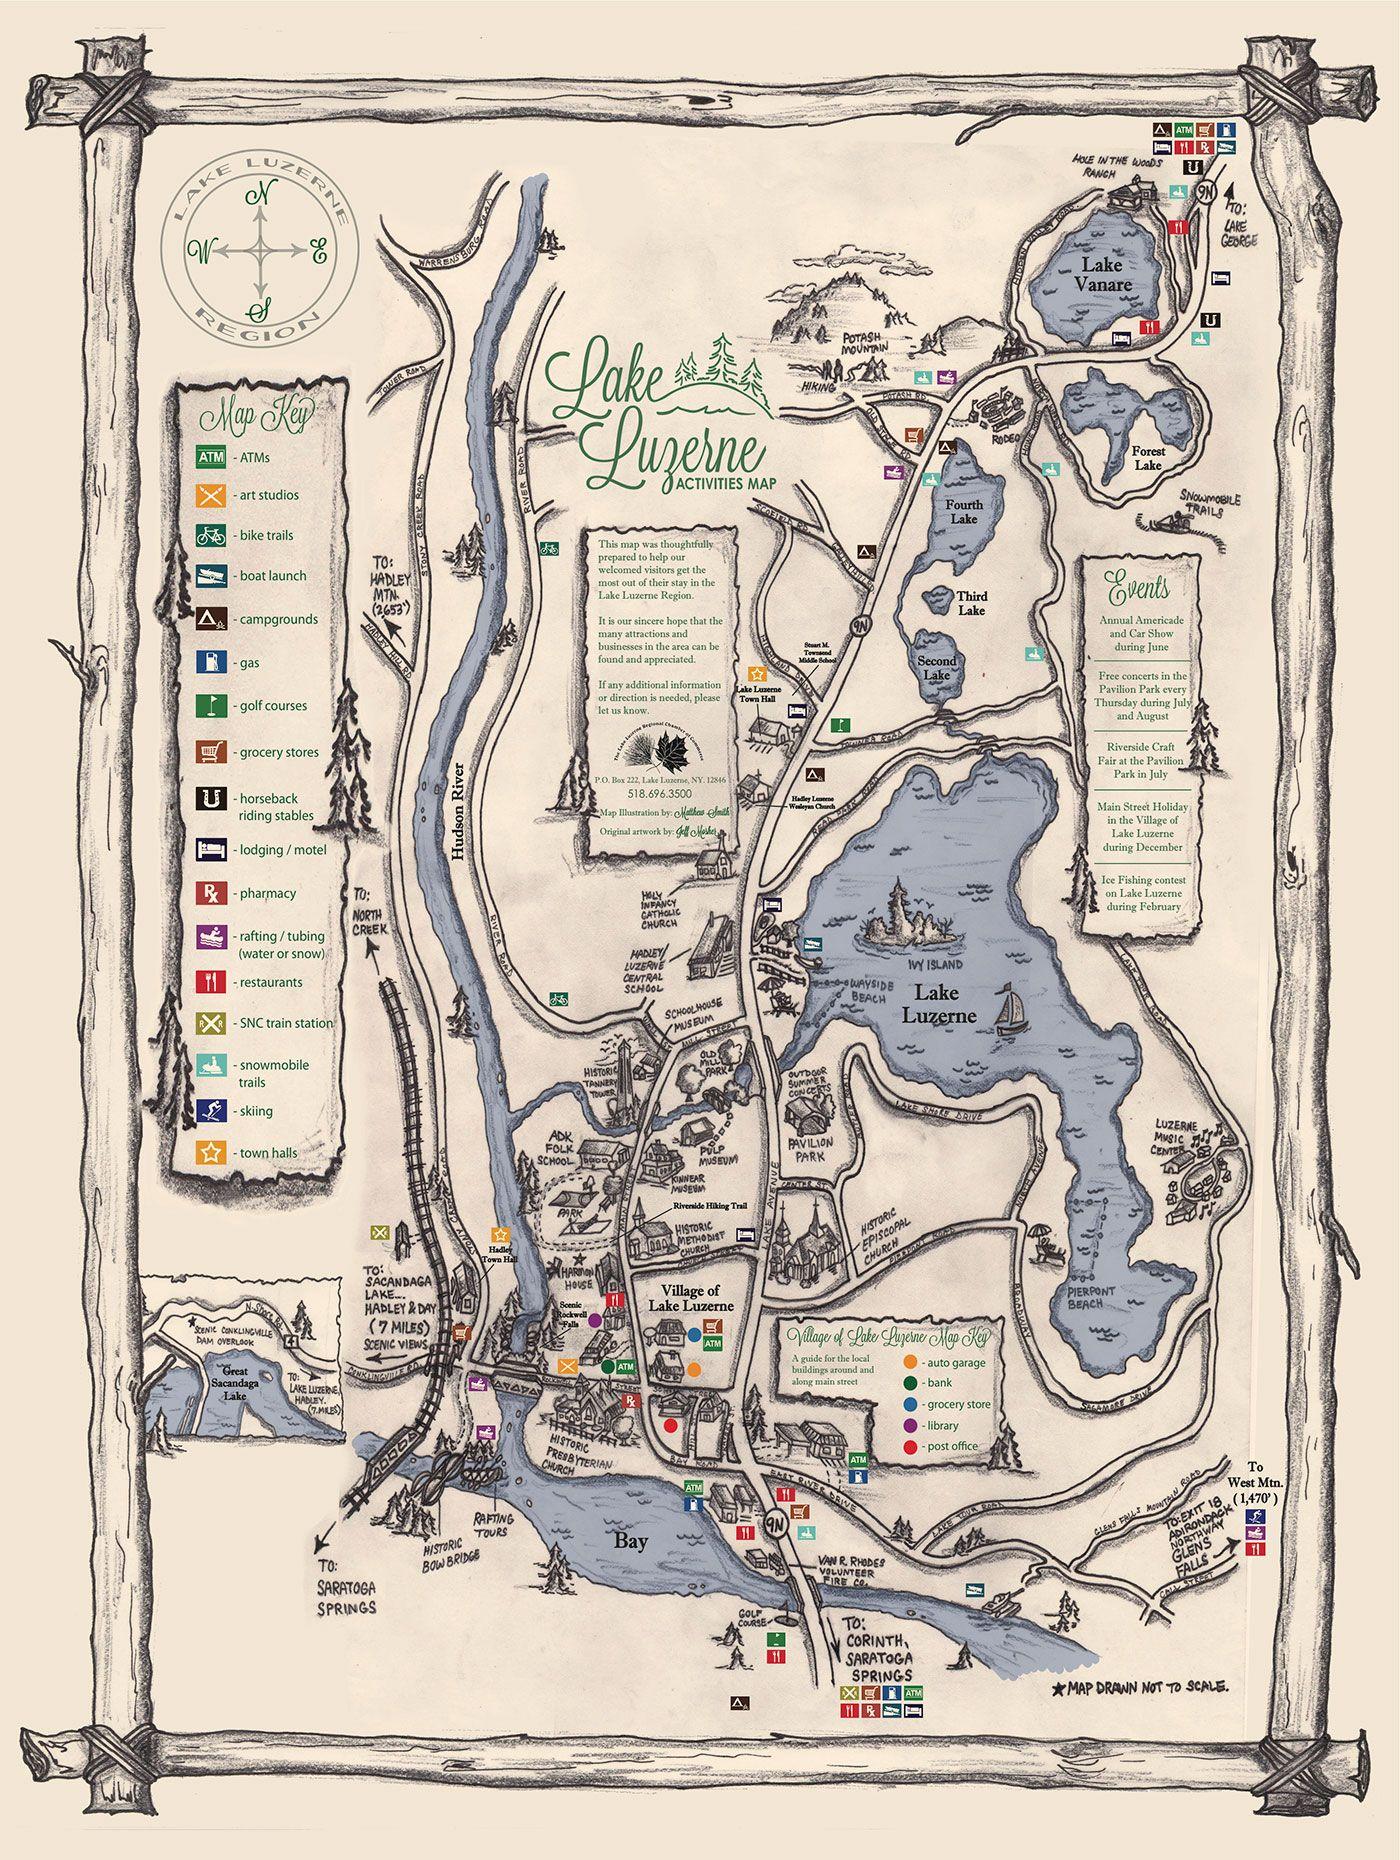 lake luzerne ny map Lake Luzerne Activities Map Lake Luzerne Lake Lake George lake luzerne ny map